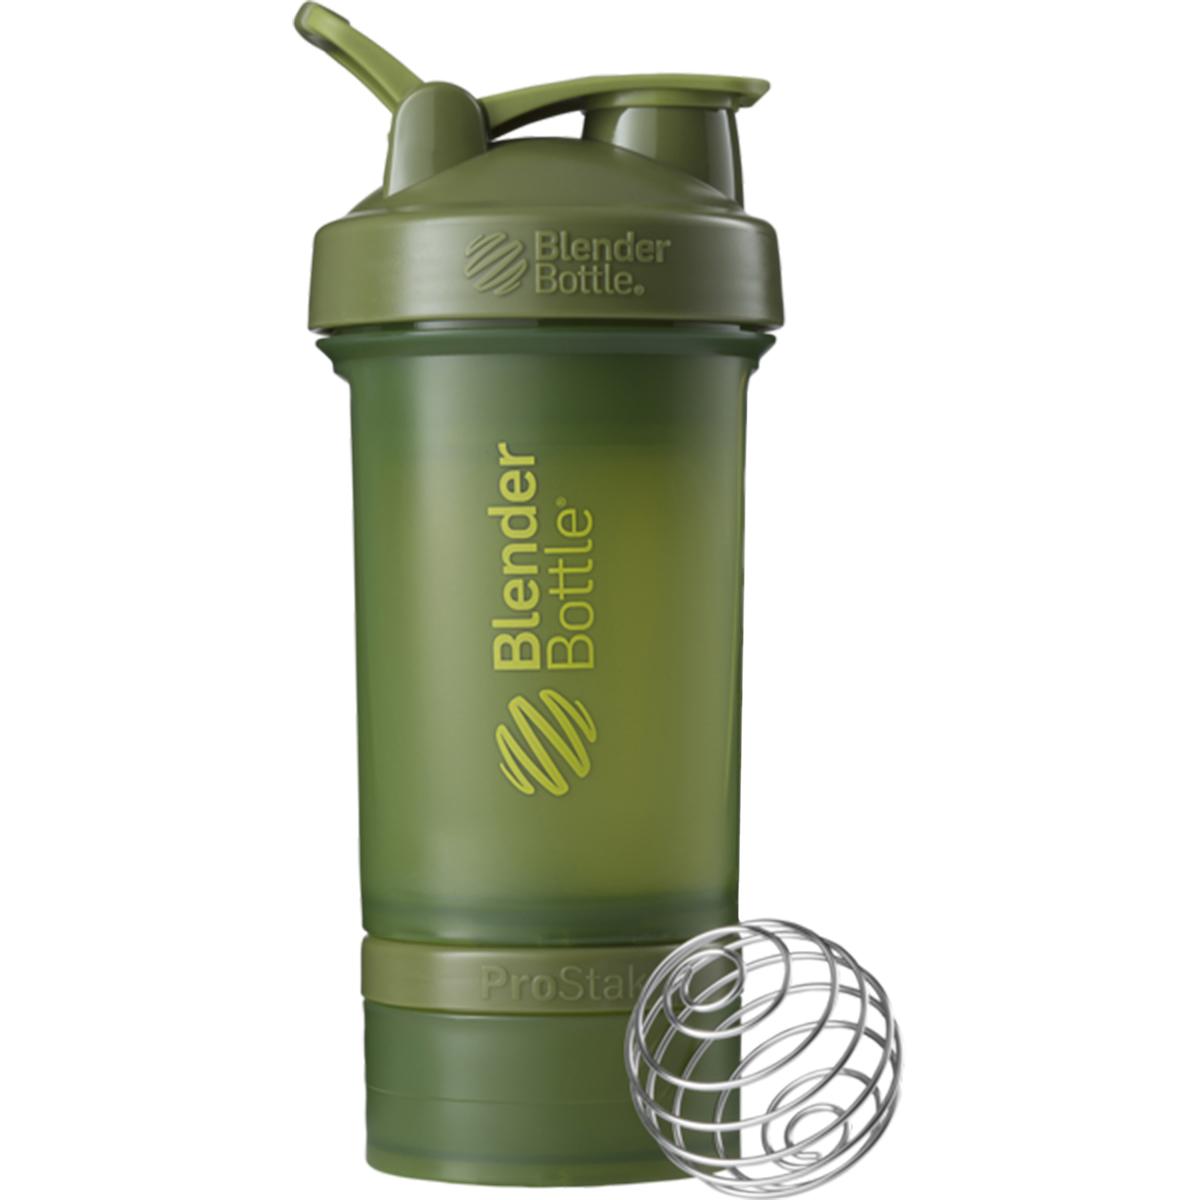 Over A Blender ~ Blender bottle prostak system with oz shaker and twist